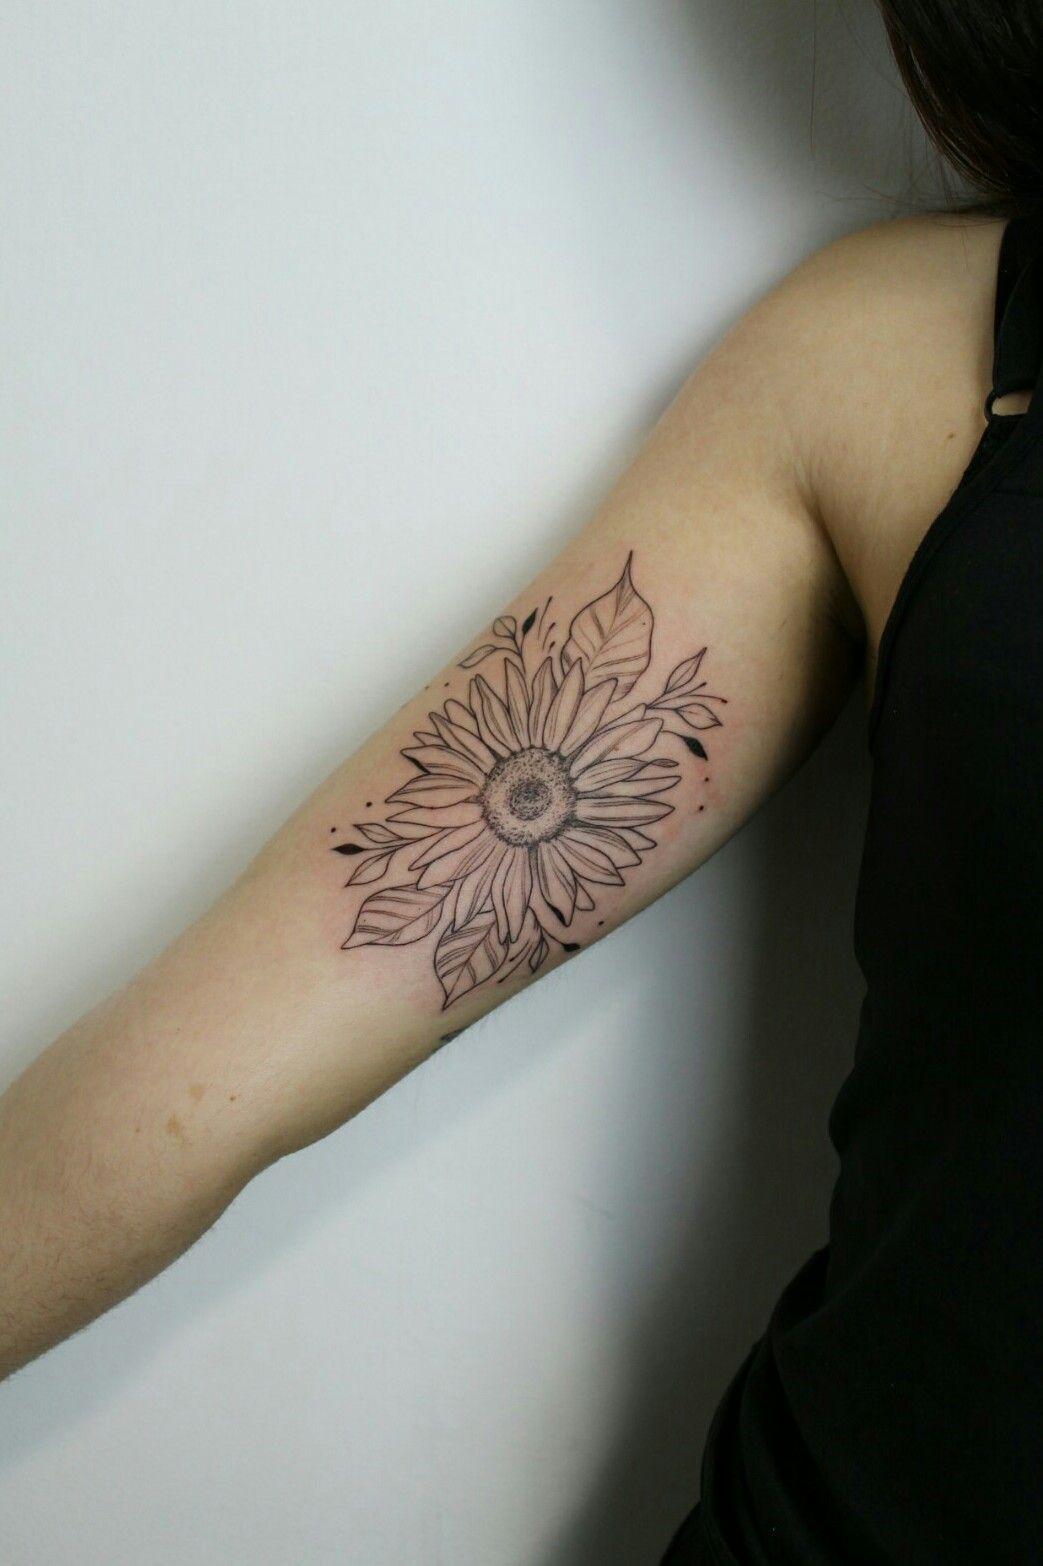 Mariloillustration Sunflower Inner Arm Tattoodo Underarm Tattoo Inner Arm Tattoos Sunflower Tattoos